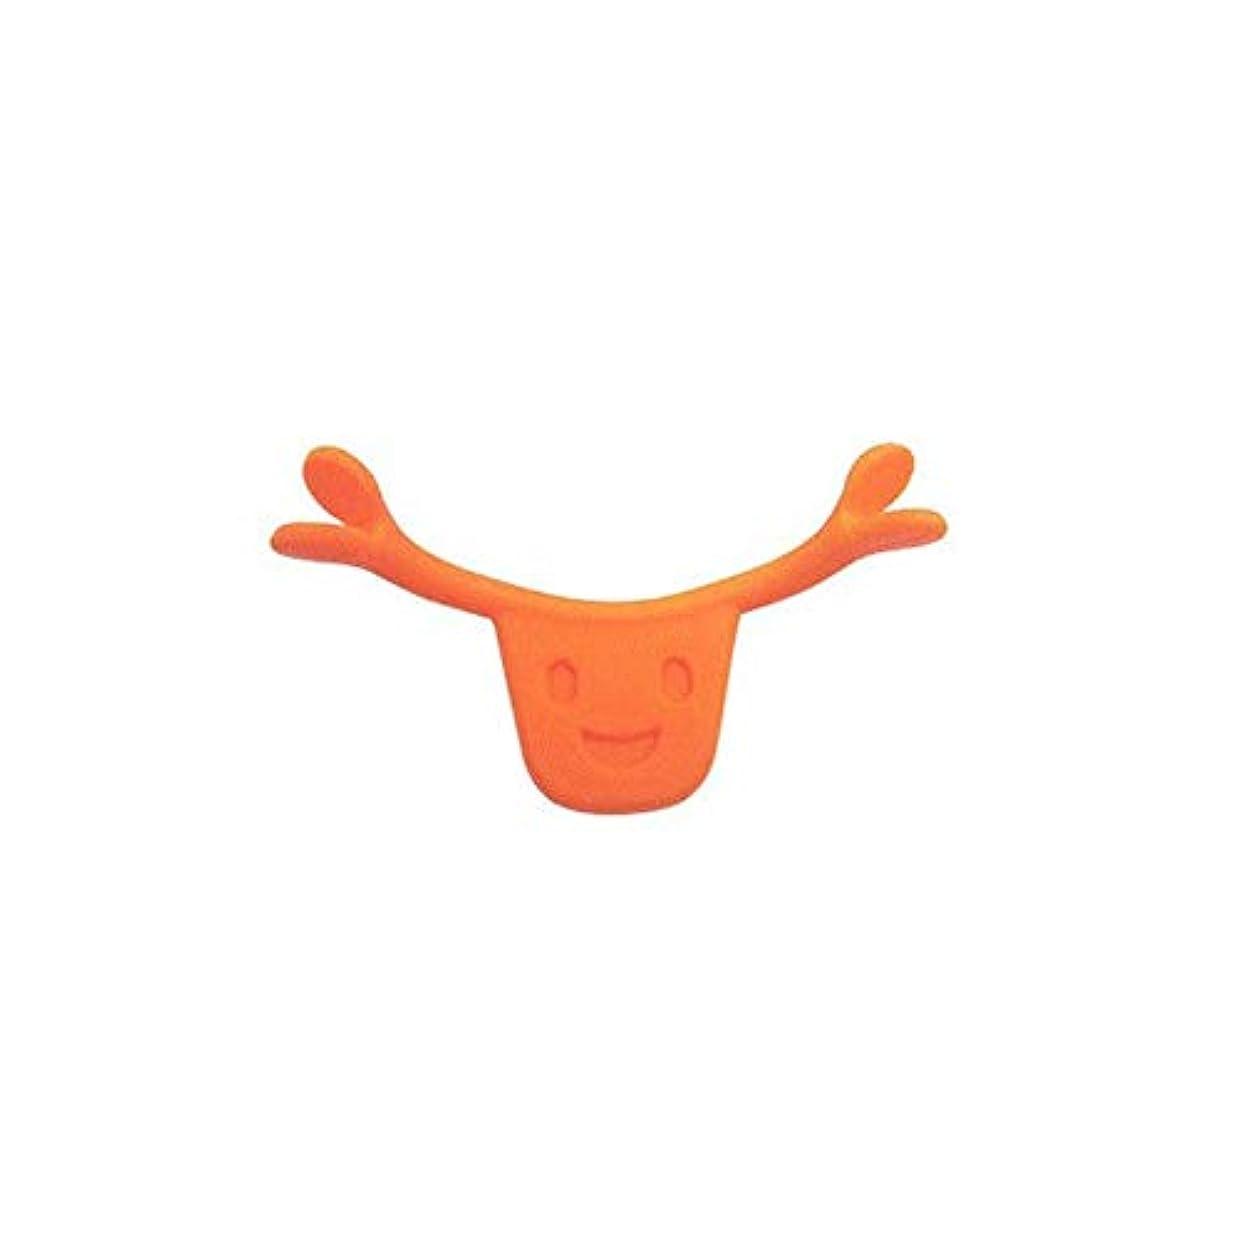 剣乳白同盟ポータブルサイズ男性女性本格的な魅力的なスマイルブレース口唇エイドスマイルフェイストレーニングコレクターフェイスライフツール(Color:orange)